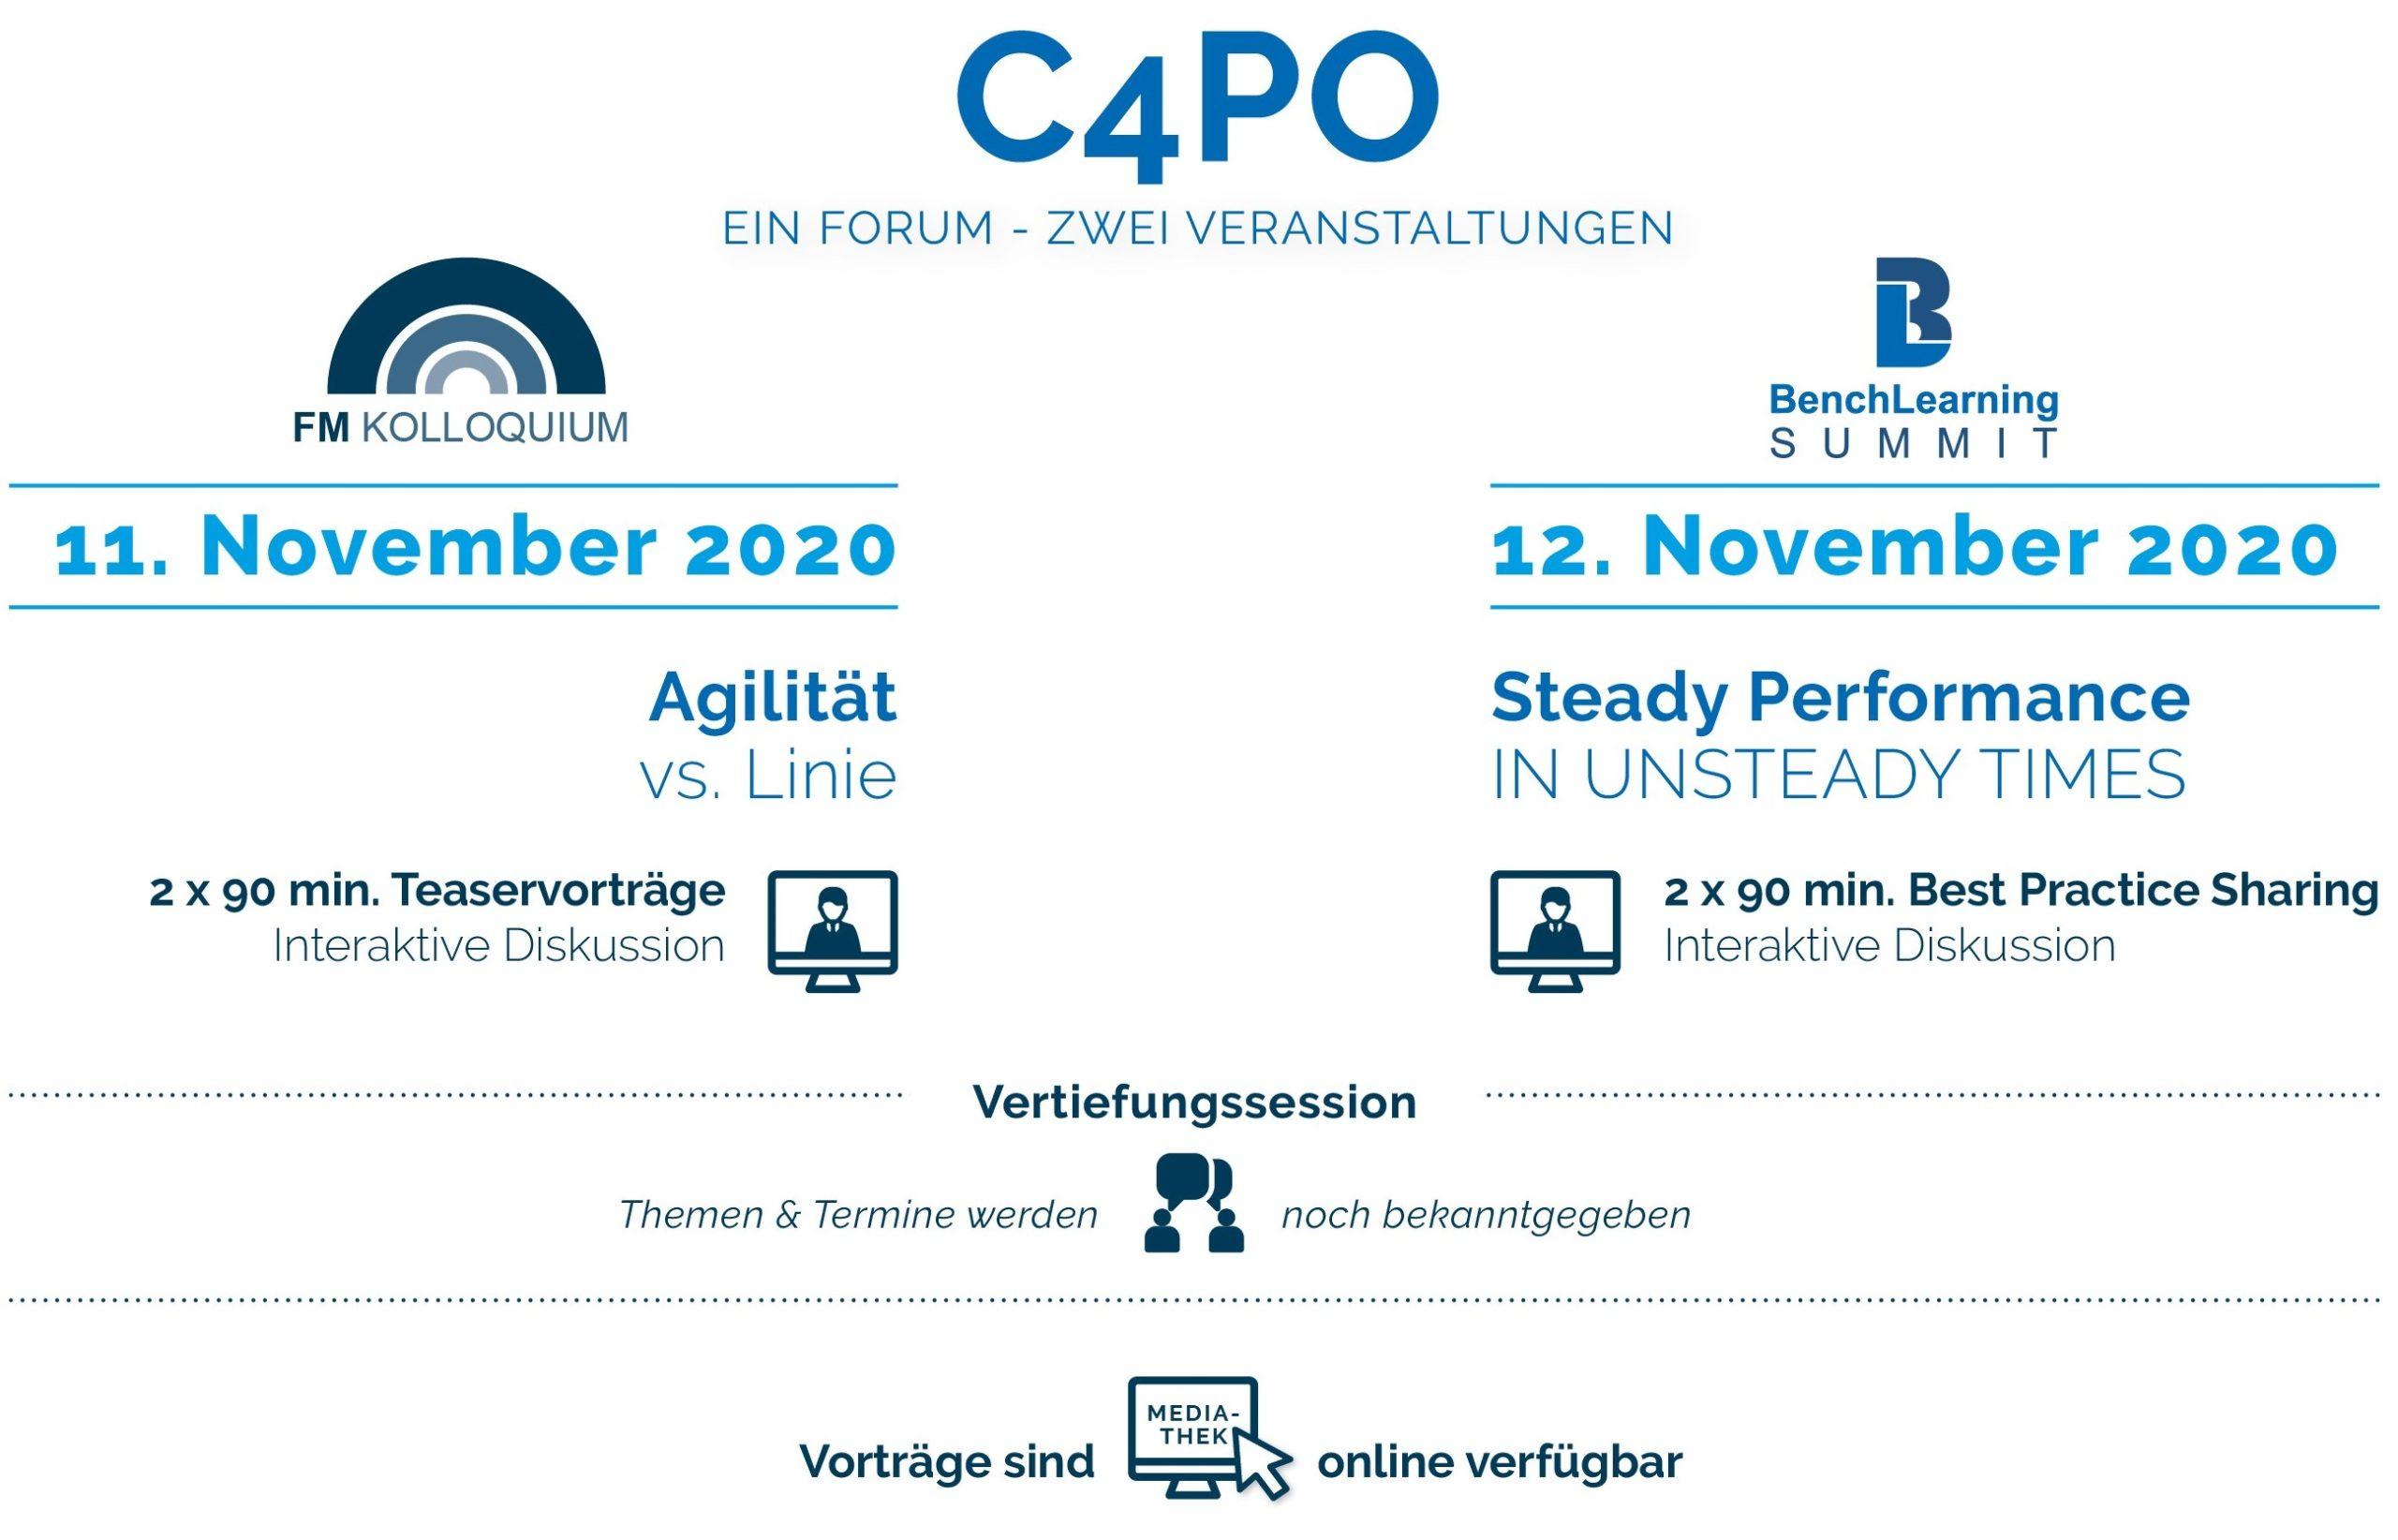 C4PO hybrides Konzept